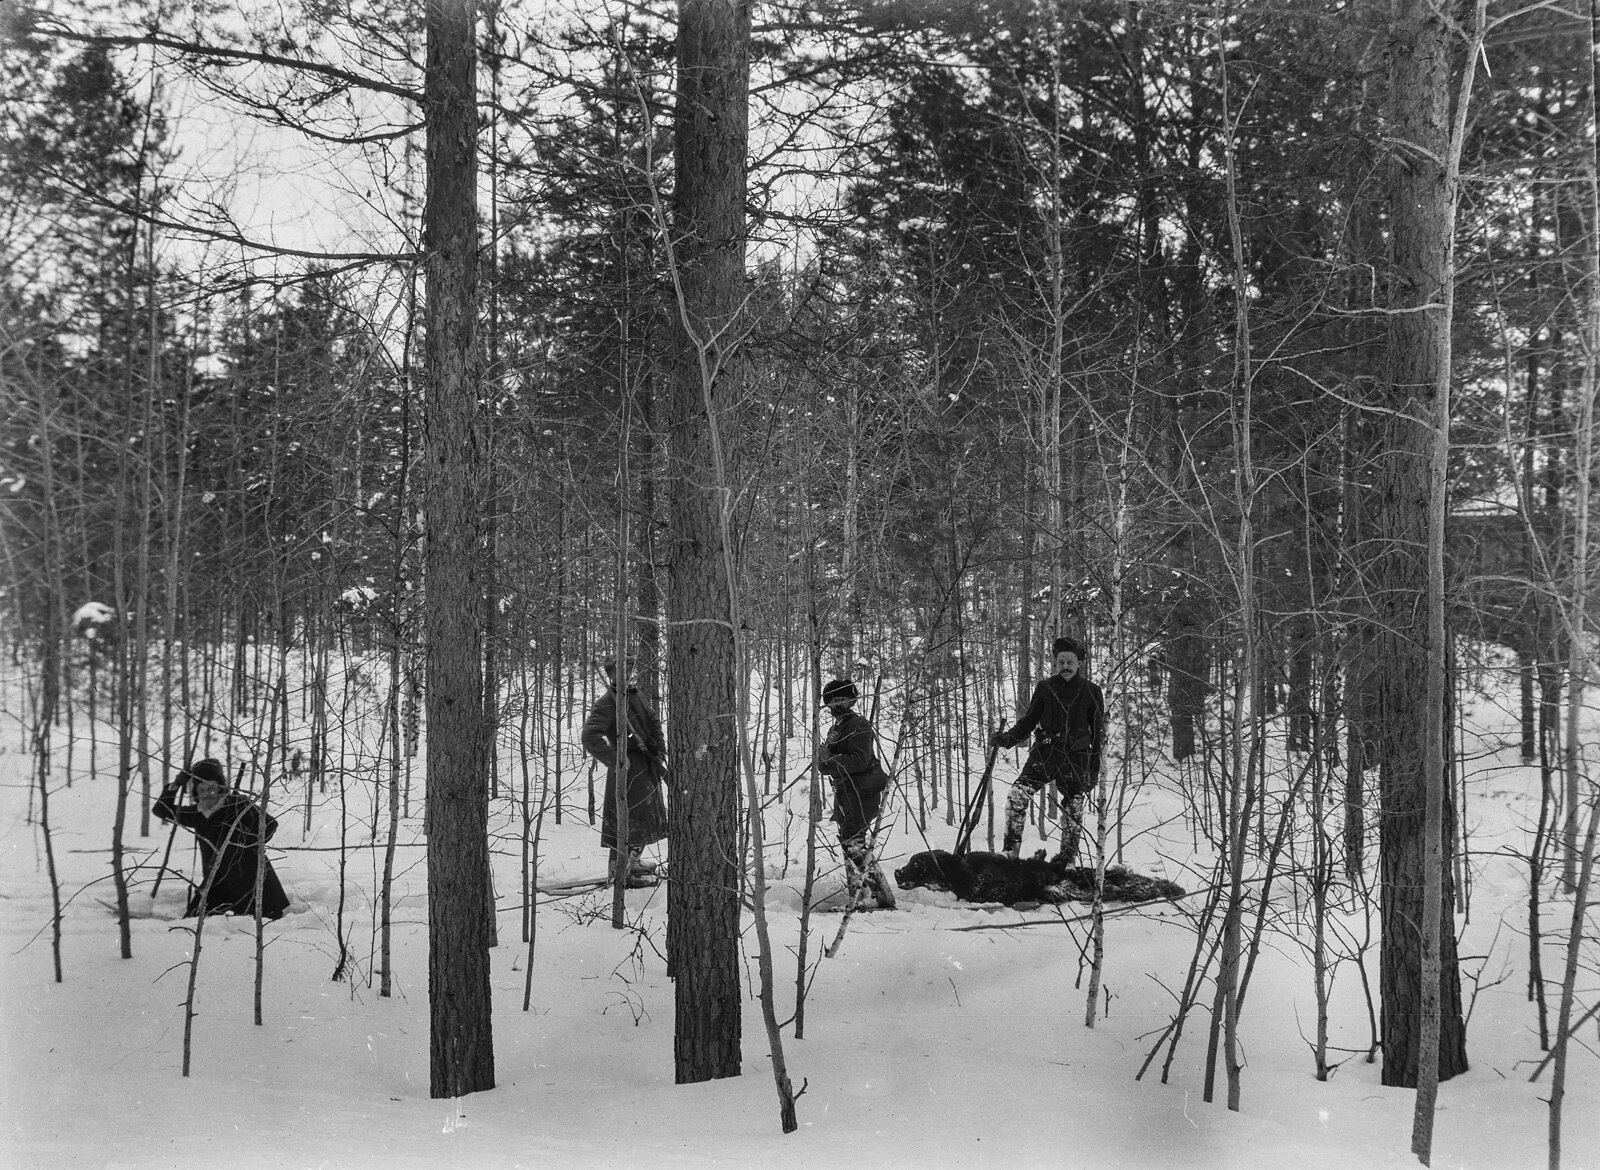 03. Томск. Убитого медведя перевозят на лыжах из леса